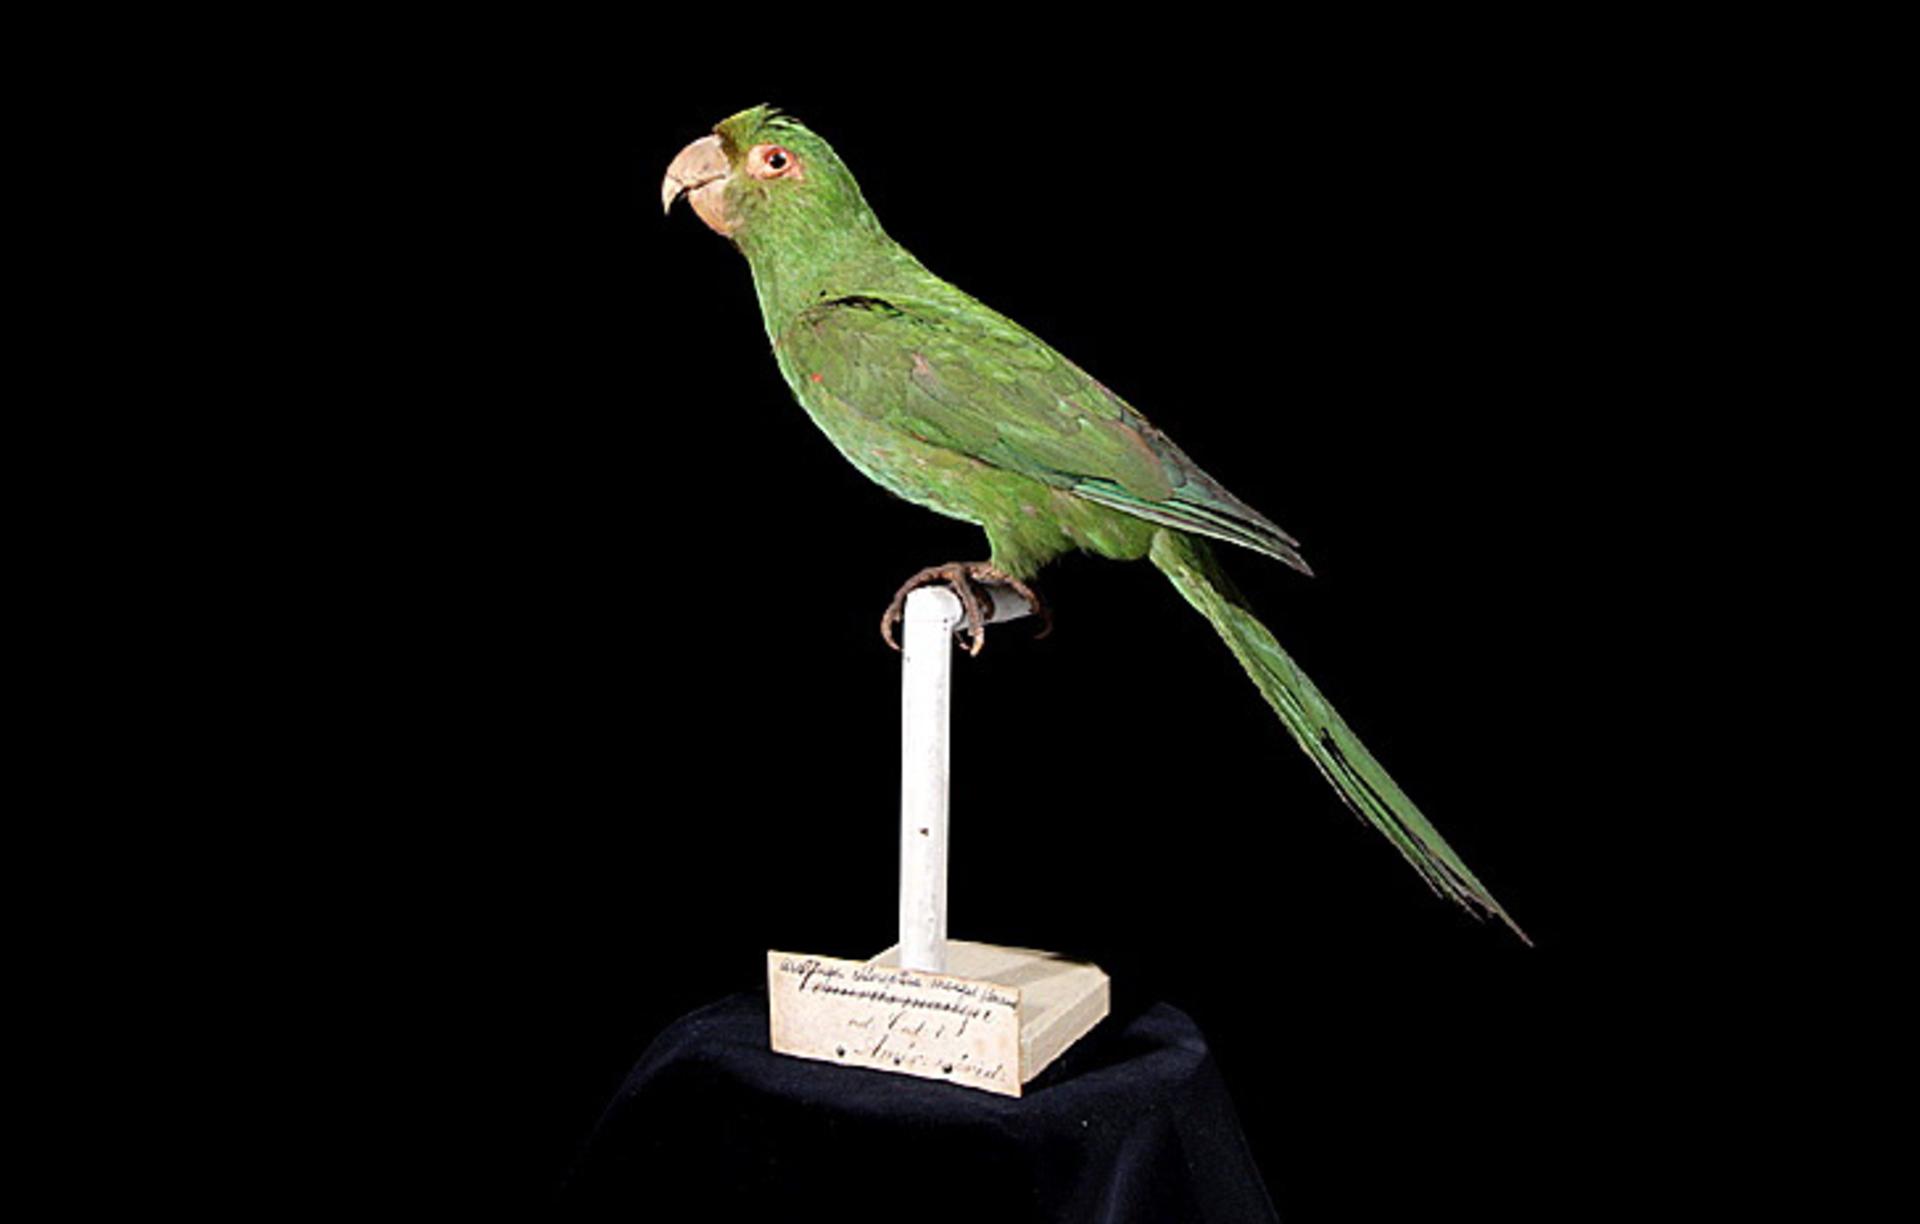 RMNH.AVES.110079 | Aratinga chloroptera maugei Souancé, 1856